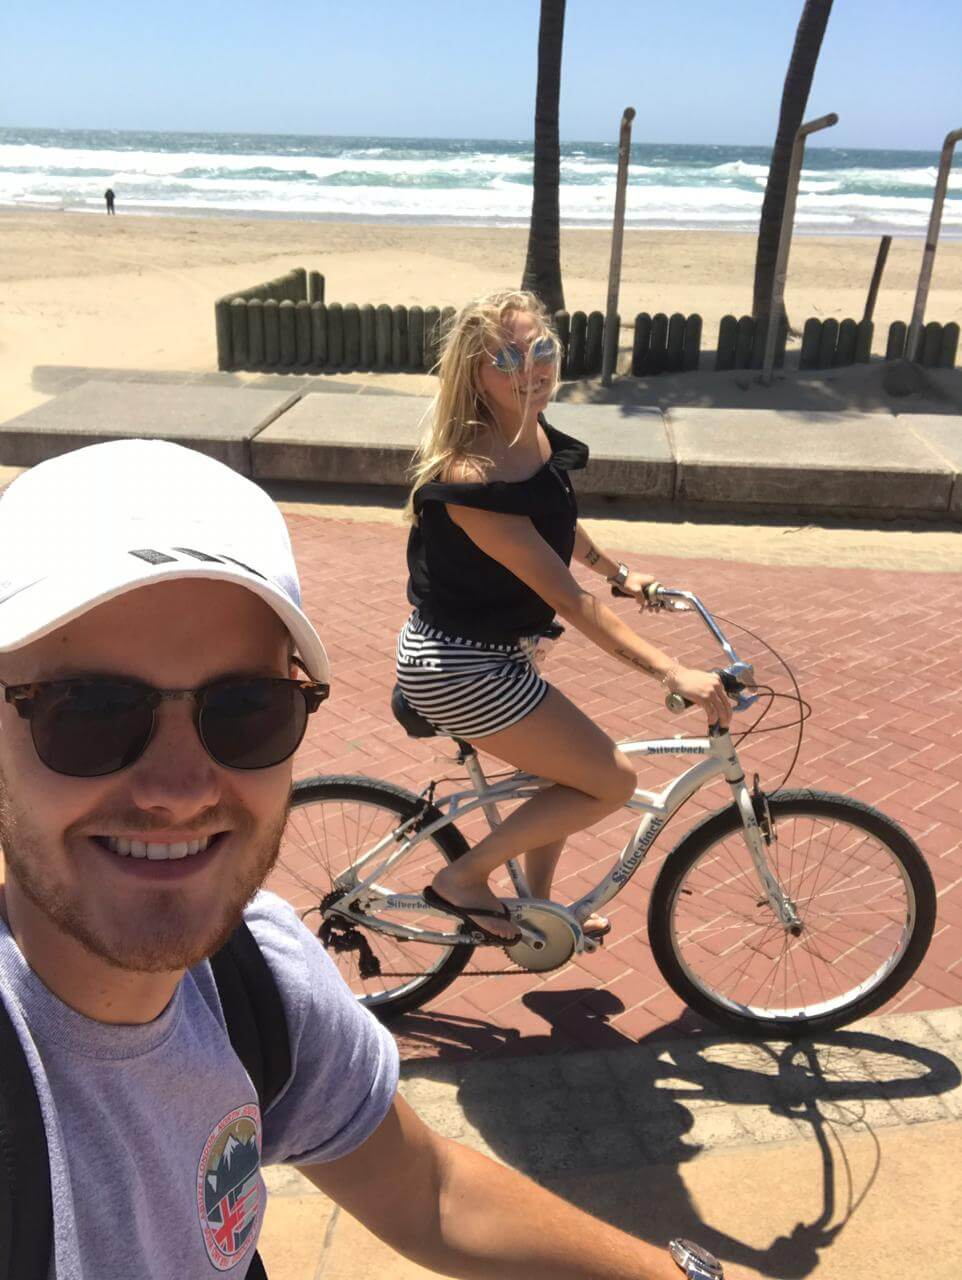 Priscilla en Nick op de fiets in Durban Zuid-Afrika